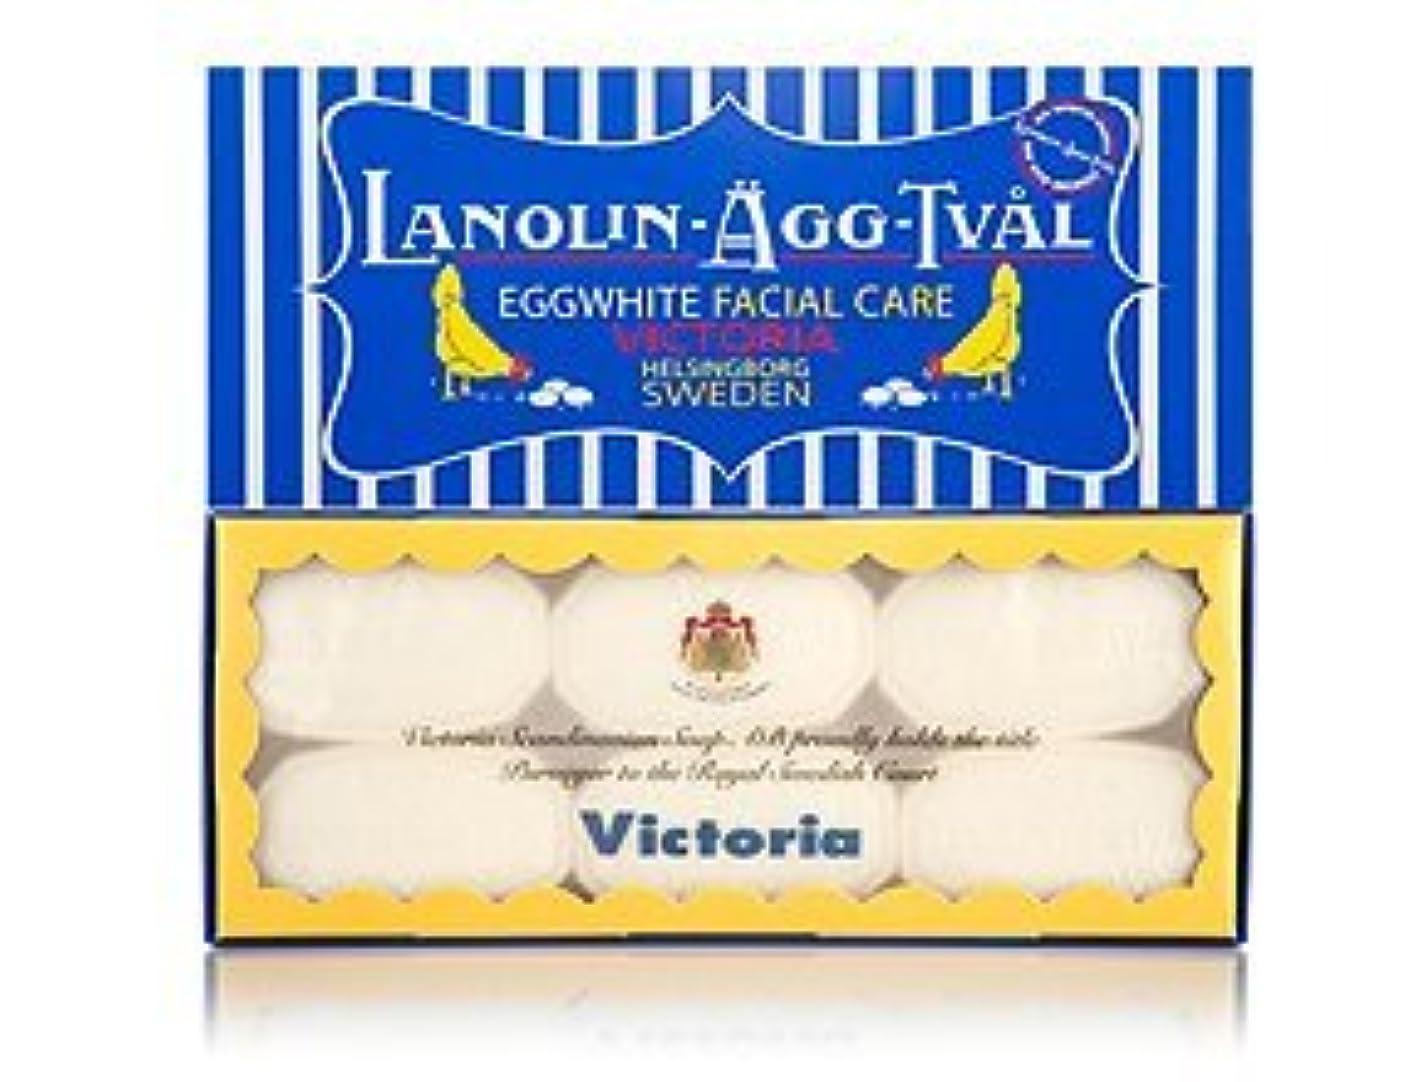 不機嫌そうな平らにするプットヴィクトリア(Victoria) スウェーデン エッグ ホワイトソープ 50g×6個セット エッグパック [並行輸入品]